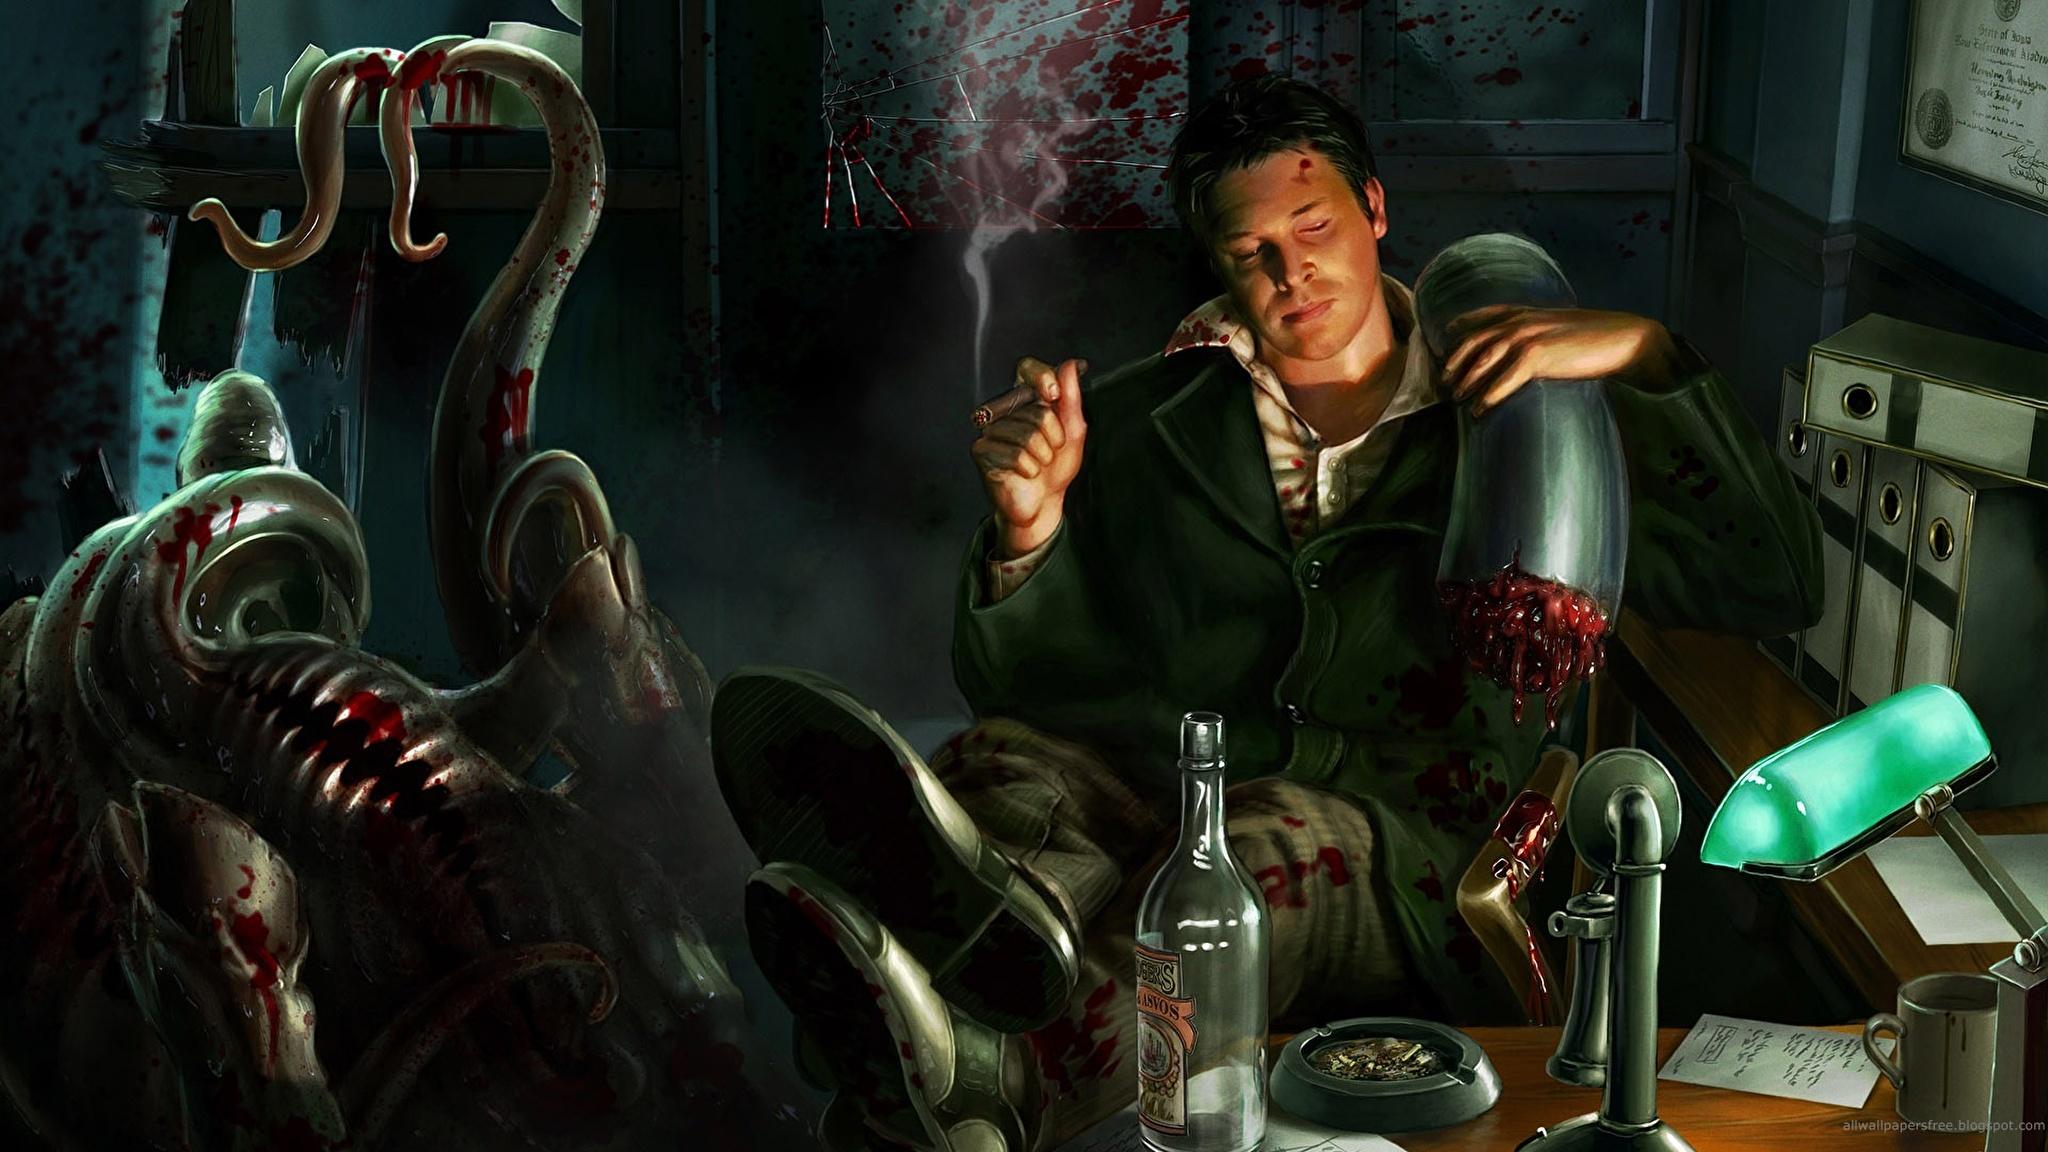 Убийство чудовища  № 1650383 без смс